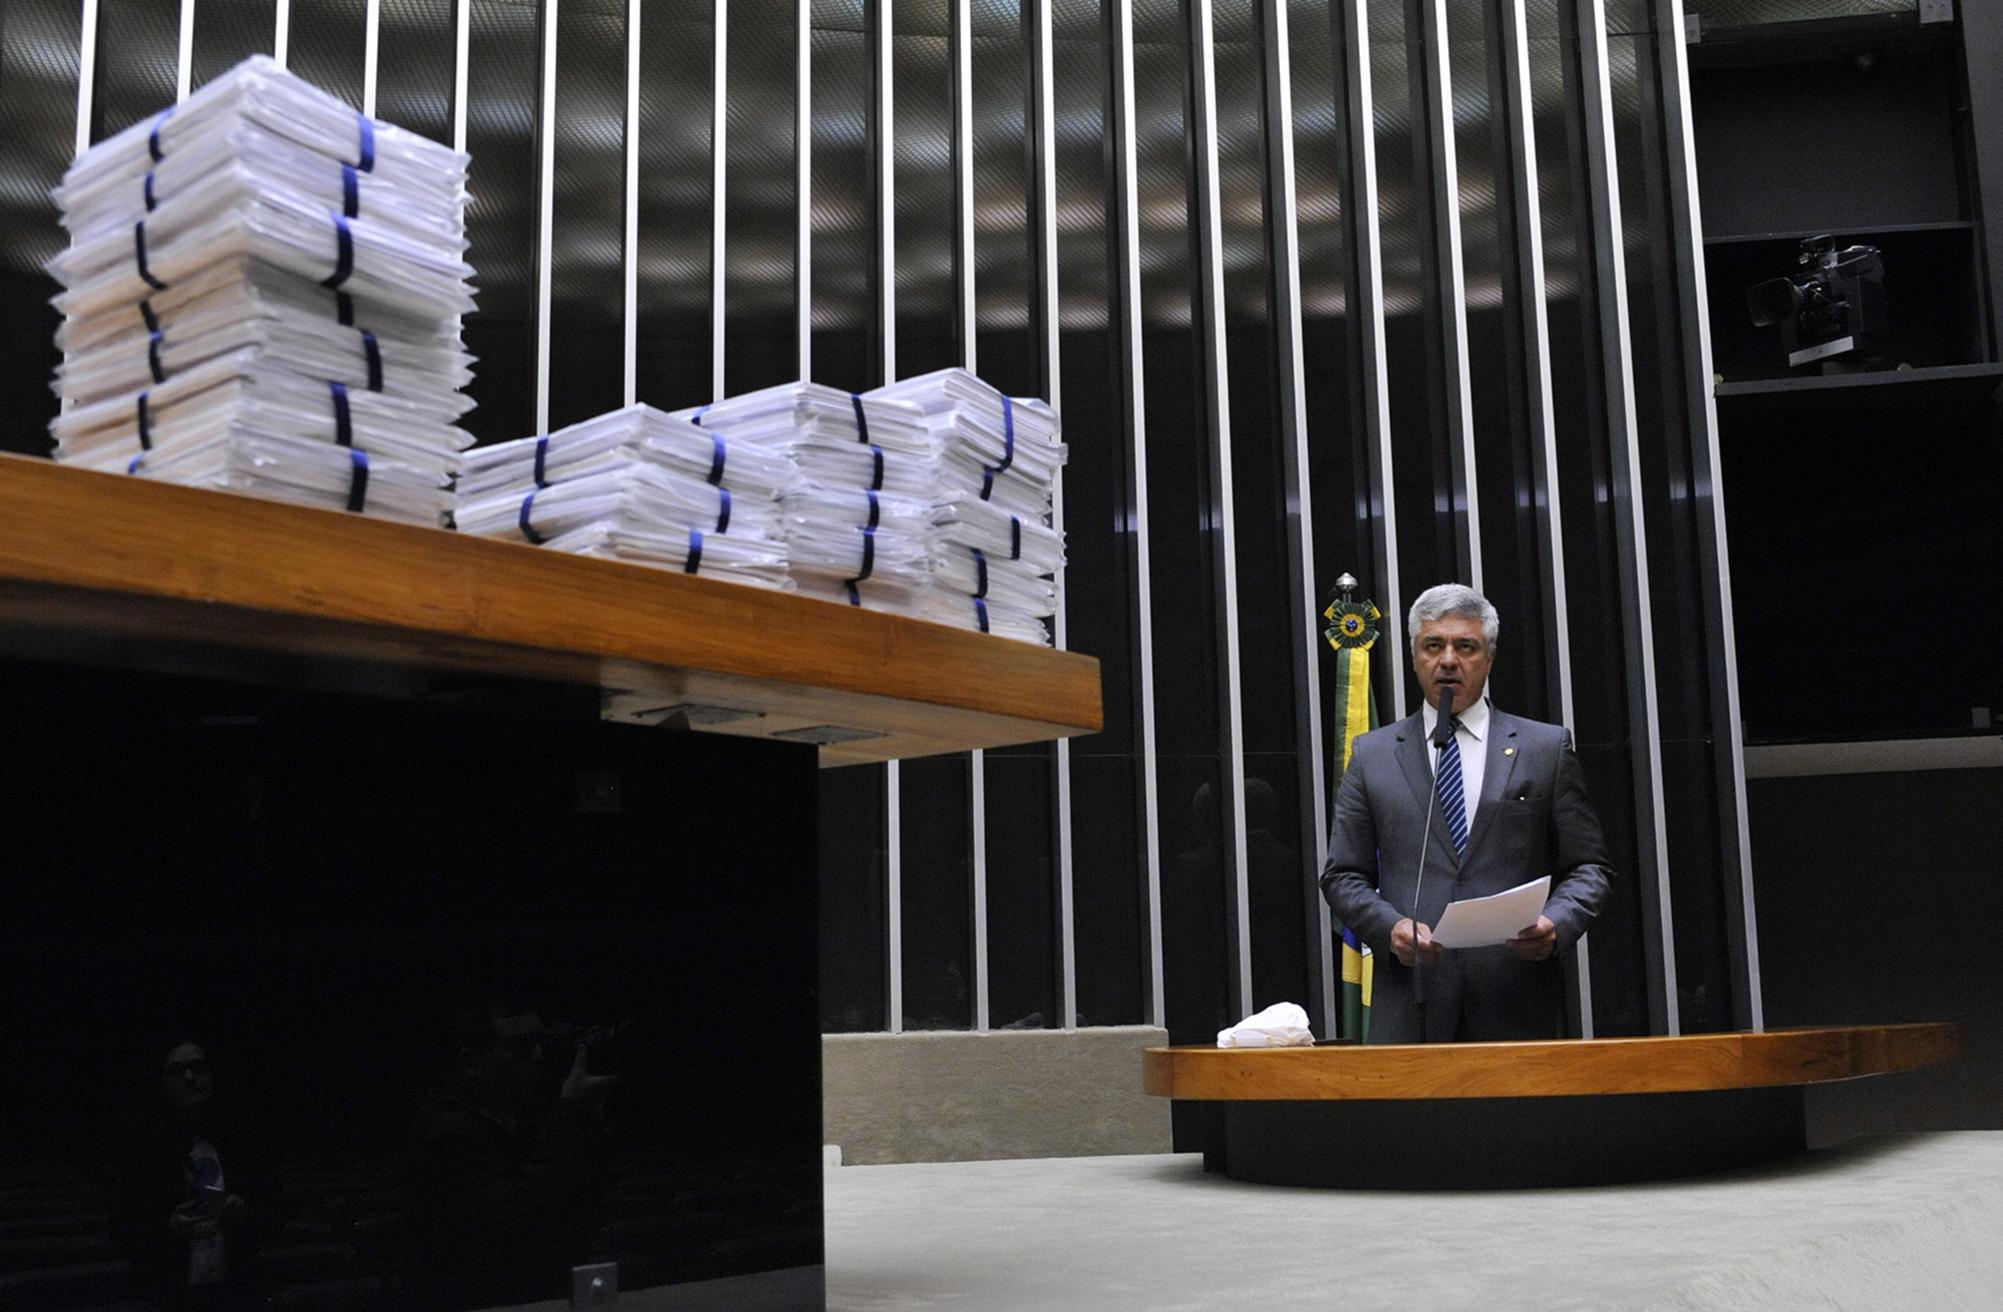 Família Severo entrega assinaturas para proposição de projeto de lei que altera o Código Penal Brasileiro. Eric Severo, de 21 anos, era estudante de medicina e foi assassinado em 2014 nos arredores de Cuiabá-MT. Dep. major Olímpio (SD-SP)